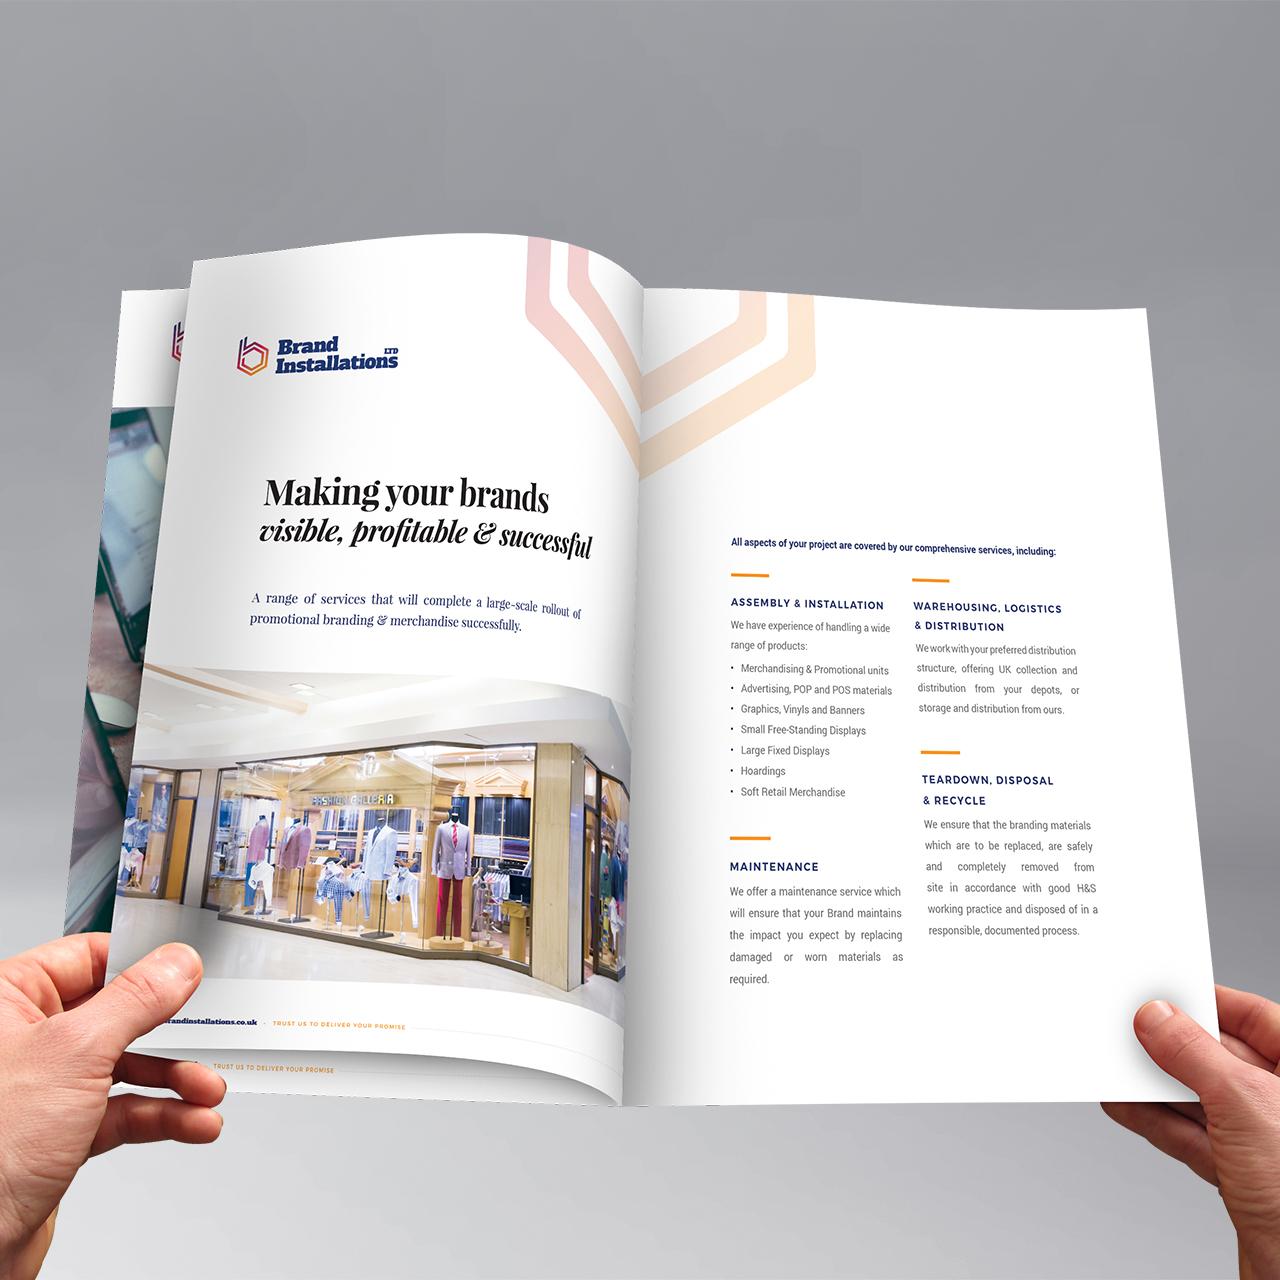 brand-installations-Brochure